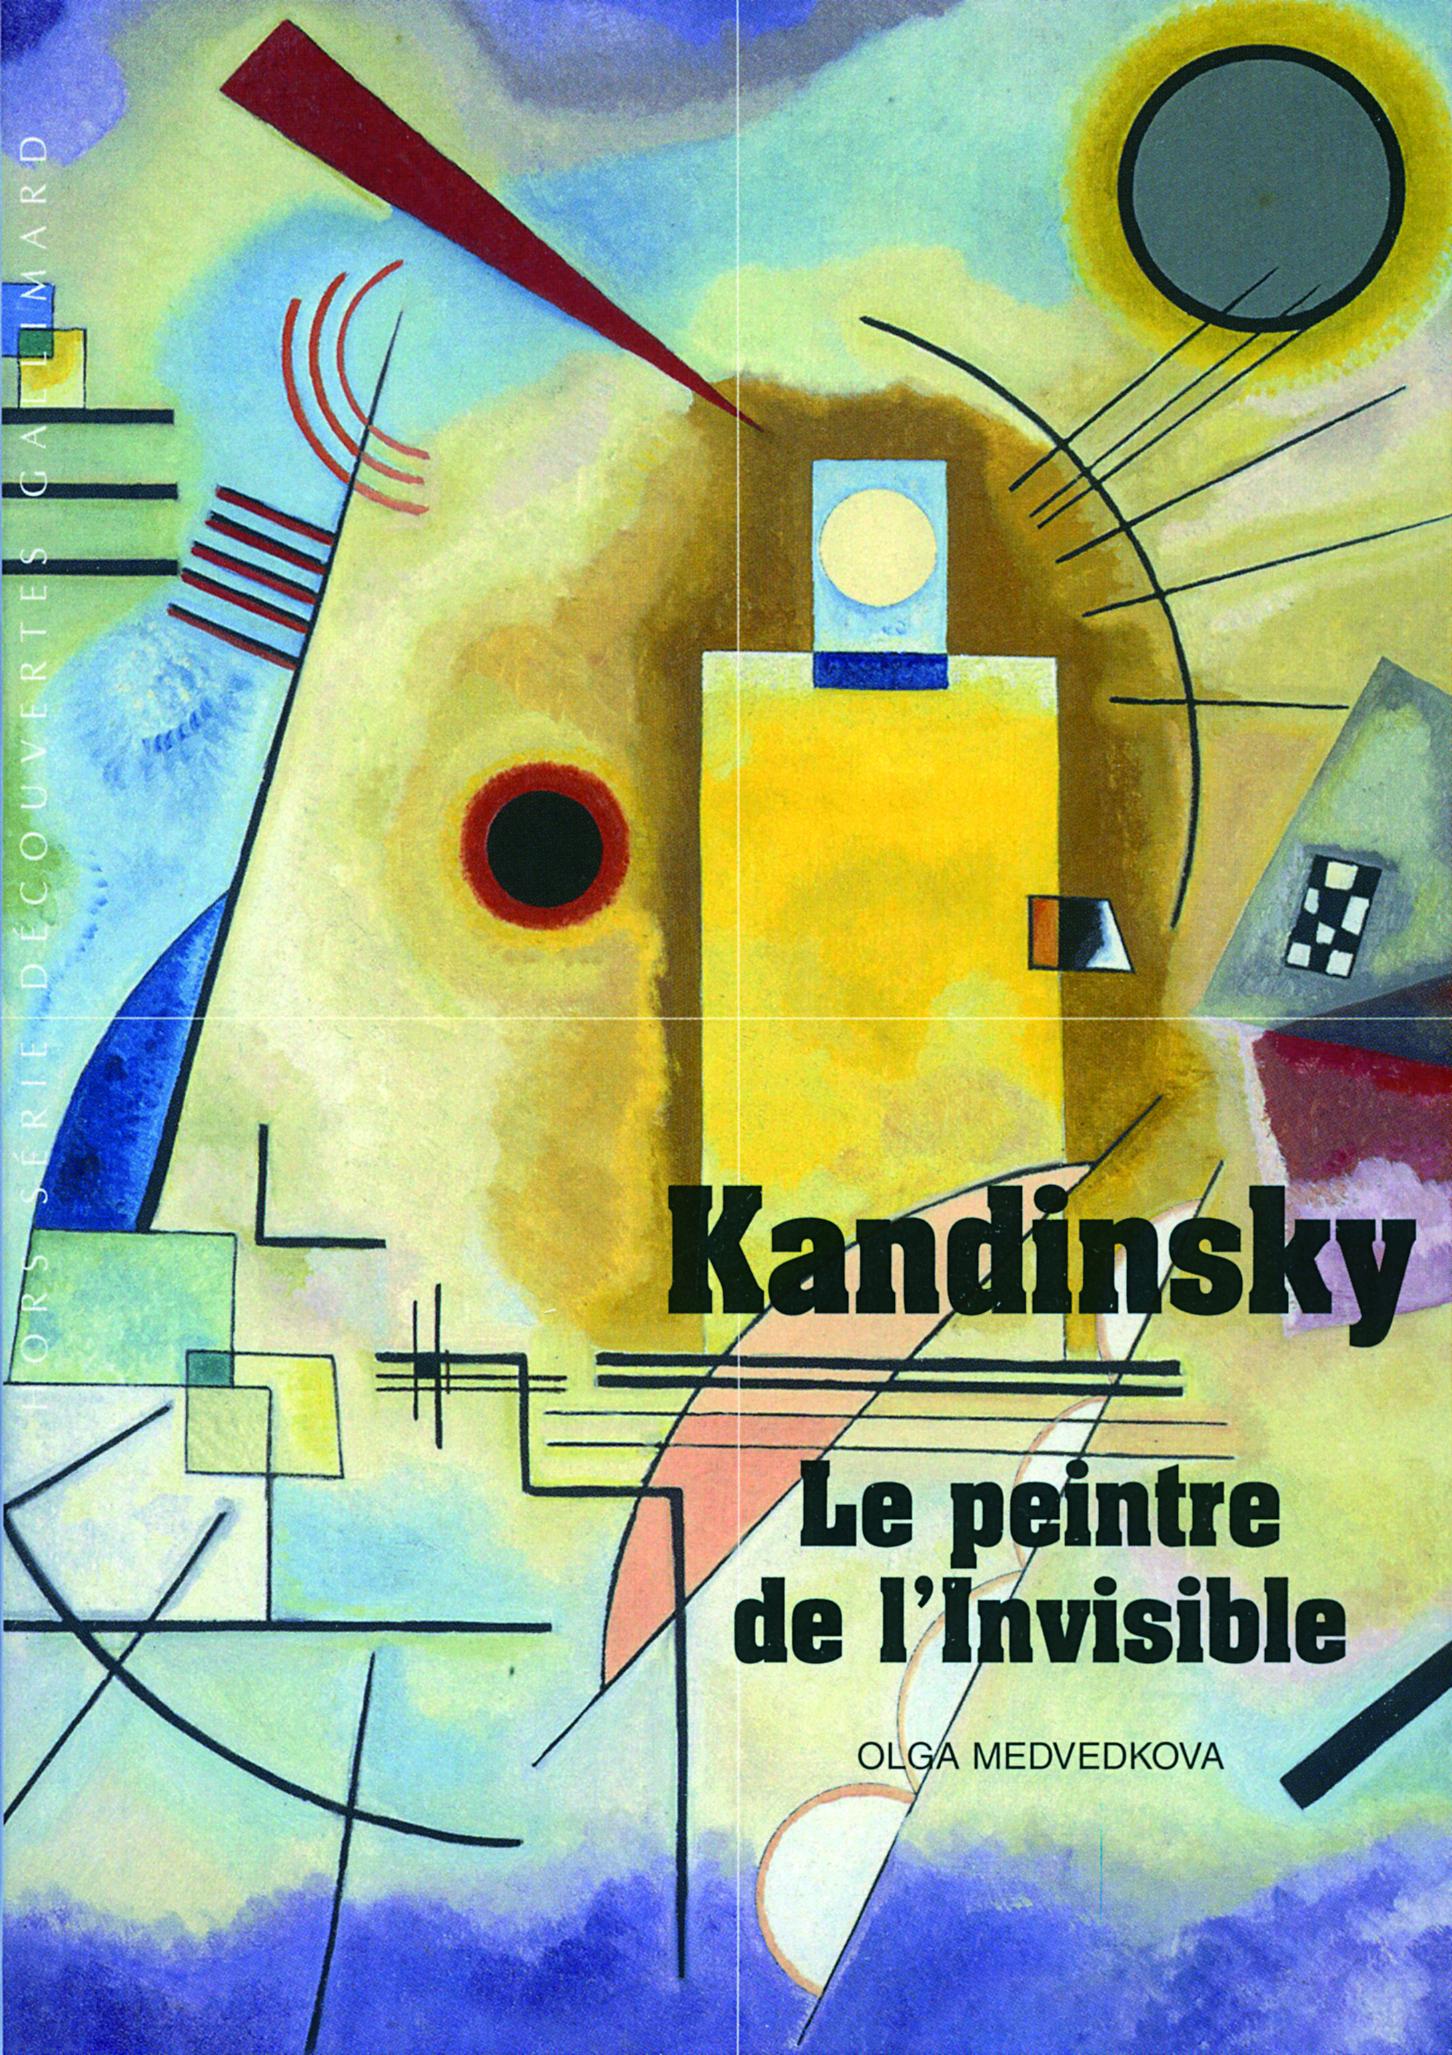 KANDINSKY LE PEINTRE DE L'INVISIBLE